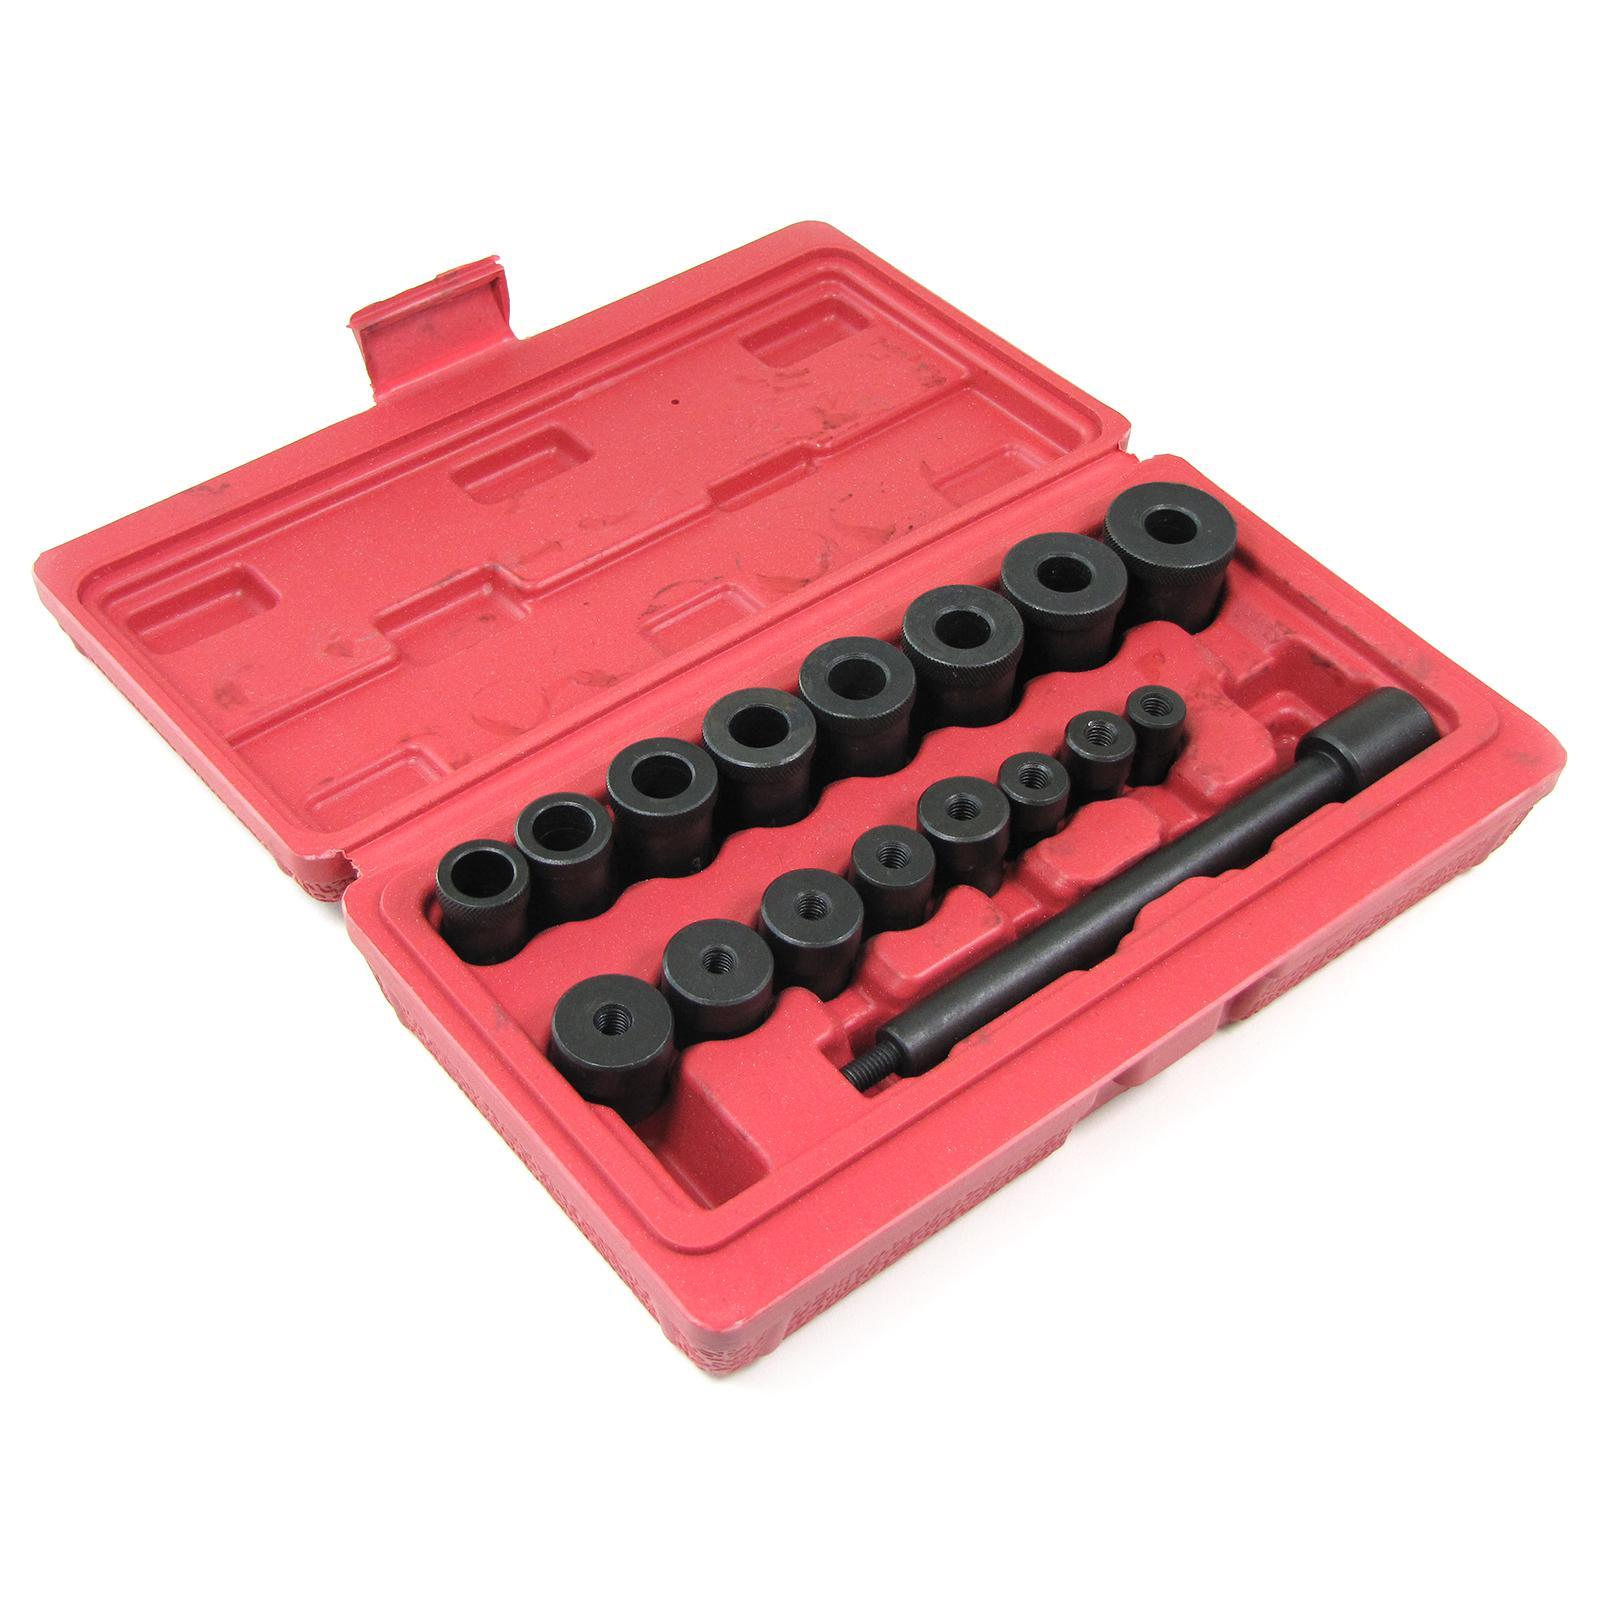 kupplung und kurbelwellen zentrier werkzeug set mit hartschalenkoffer 18 teilig kaufen bei. Black Bedroom Furniture Sets. Home Design Ideas